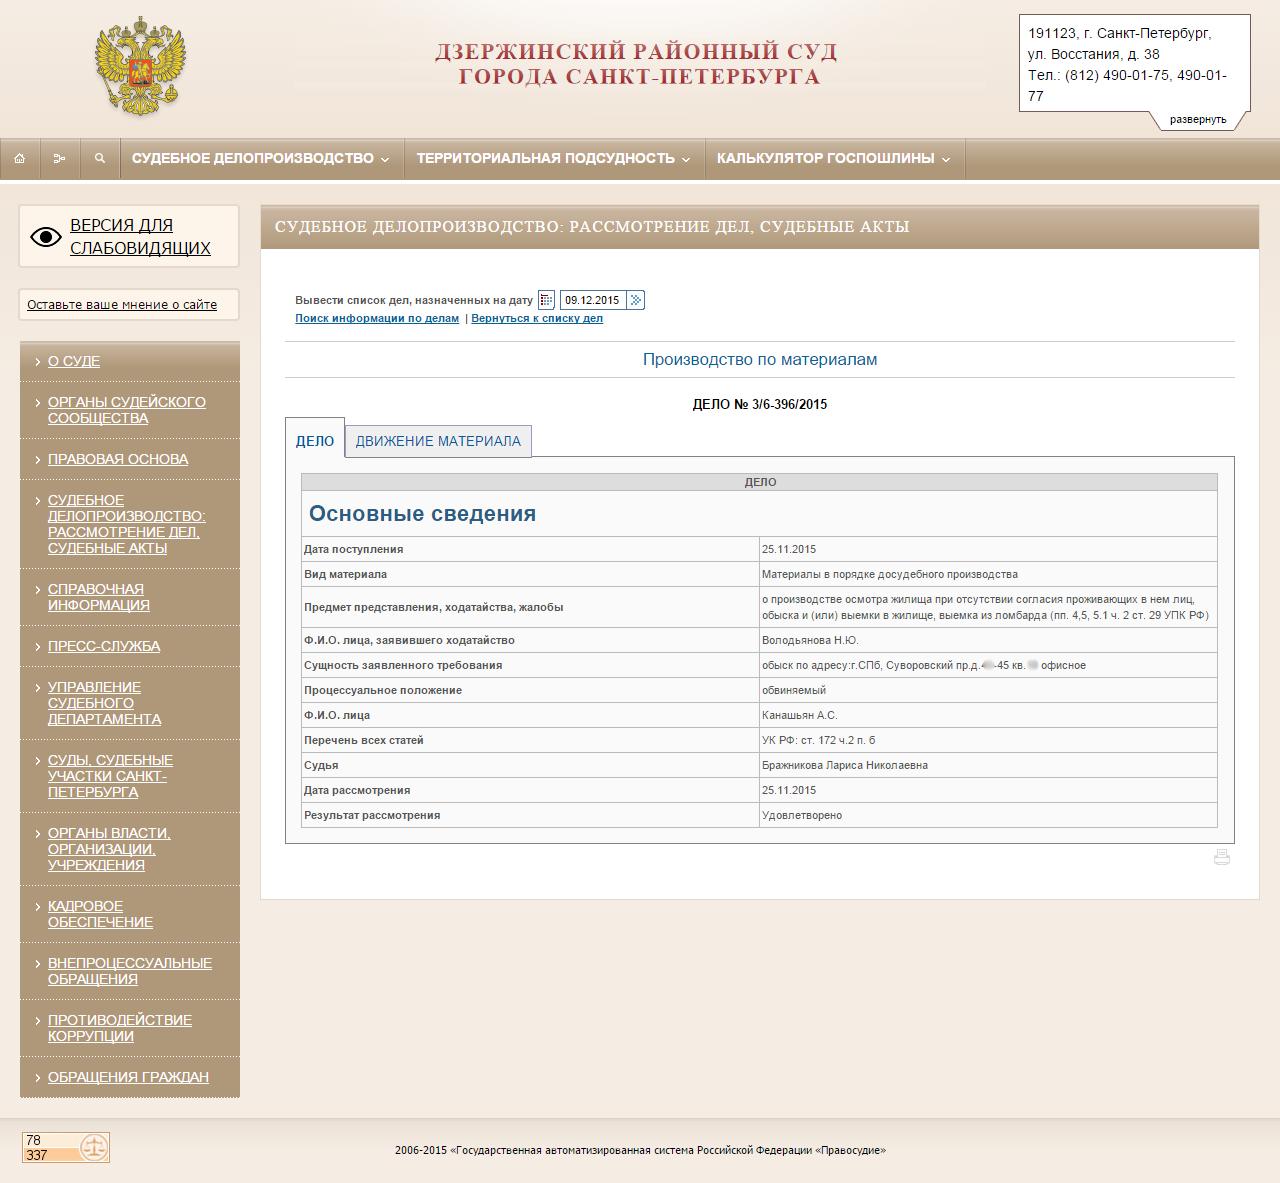 Прозрачные обыски Петербурга (Иллюстрация 4 из 9) (Фото: скриншот сайта суда)